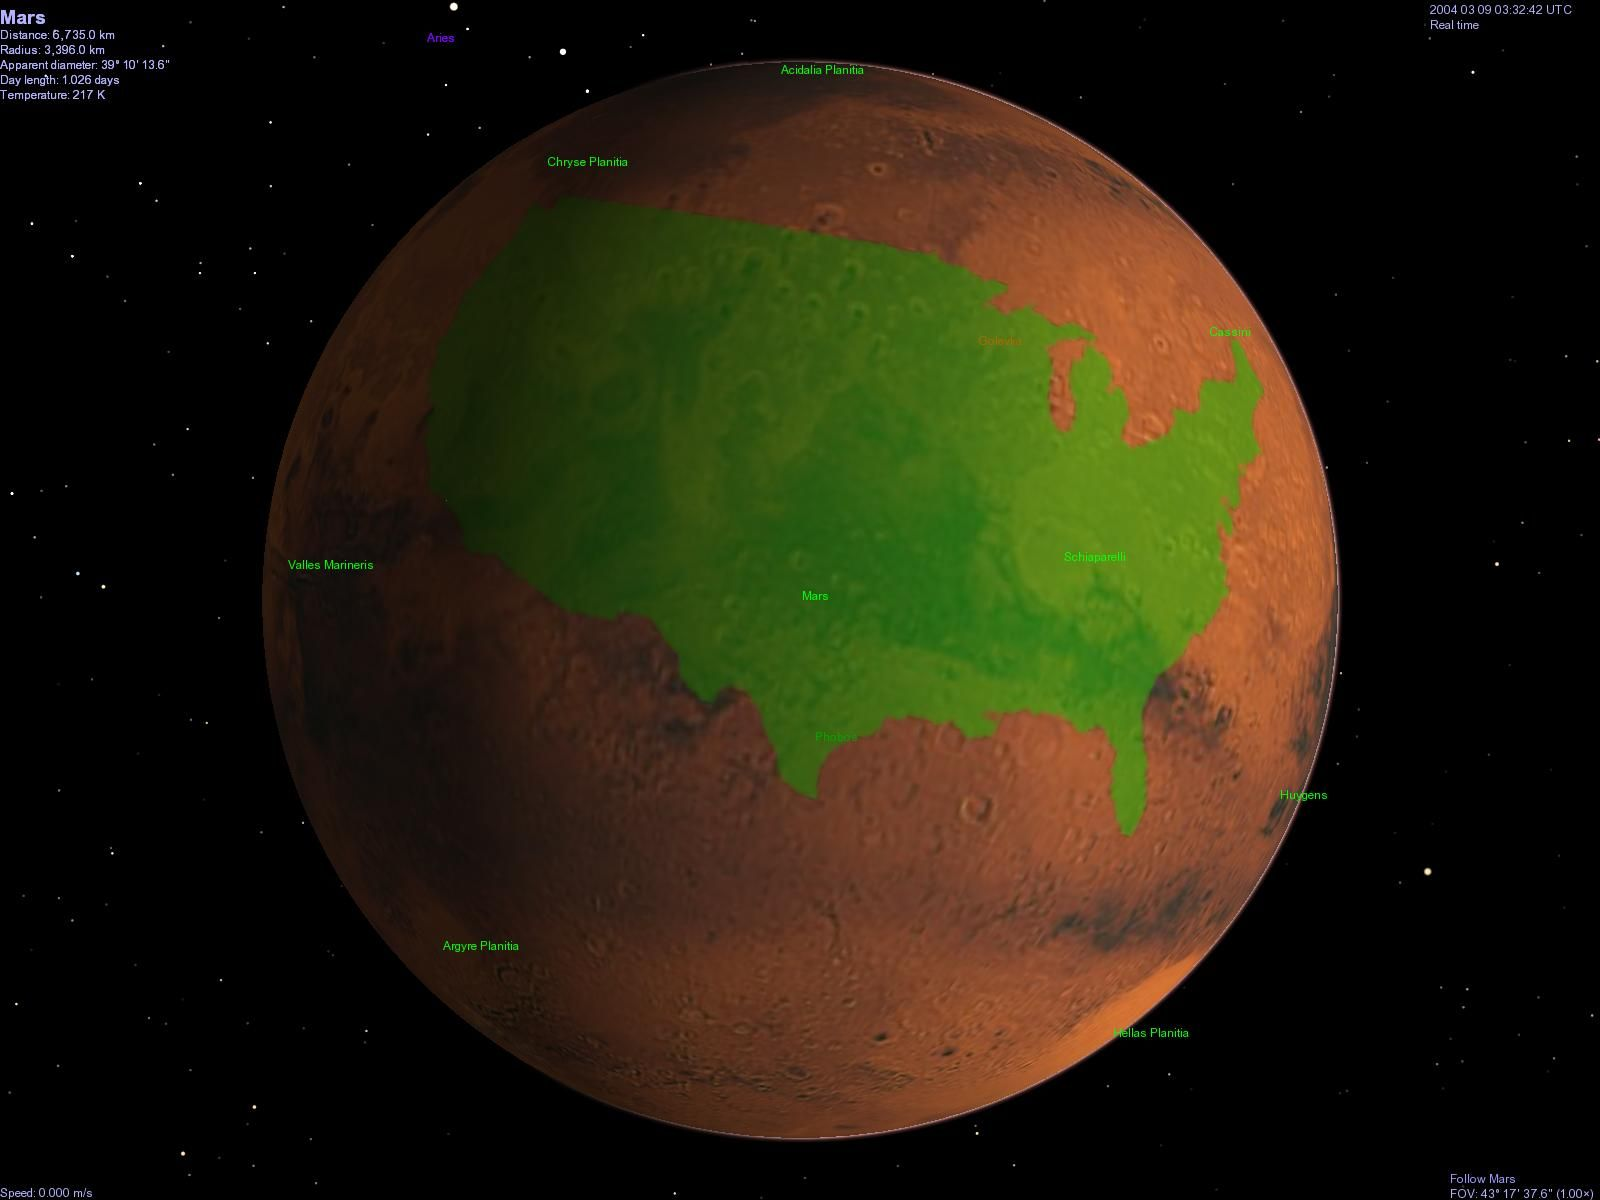 earth mars comparison | Mars compared to the U.S.] Grant Hutchison's Size Comparison Maps for ...